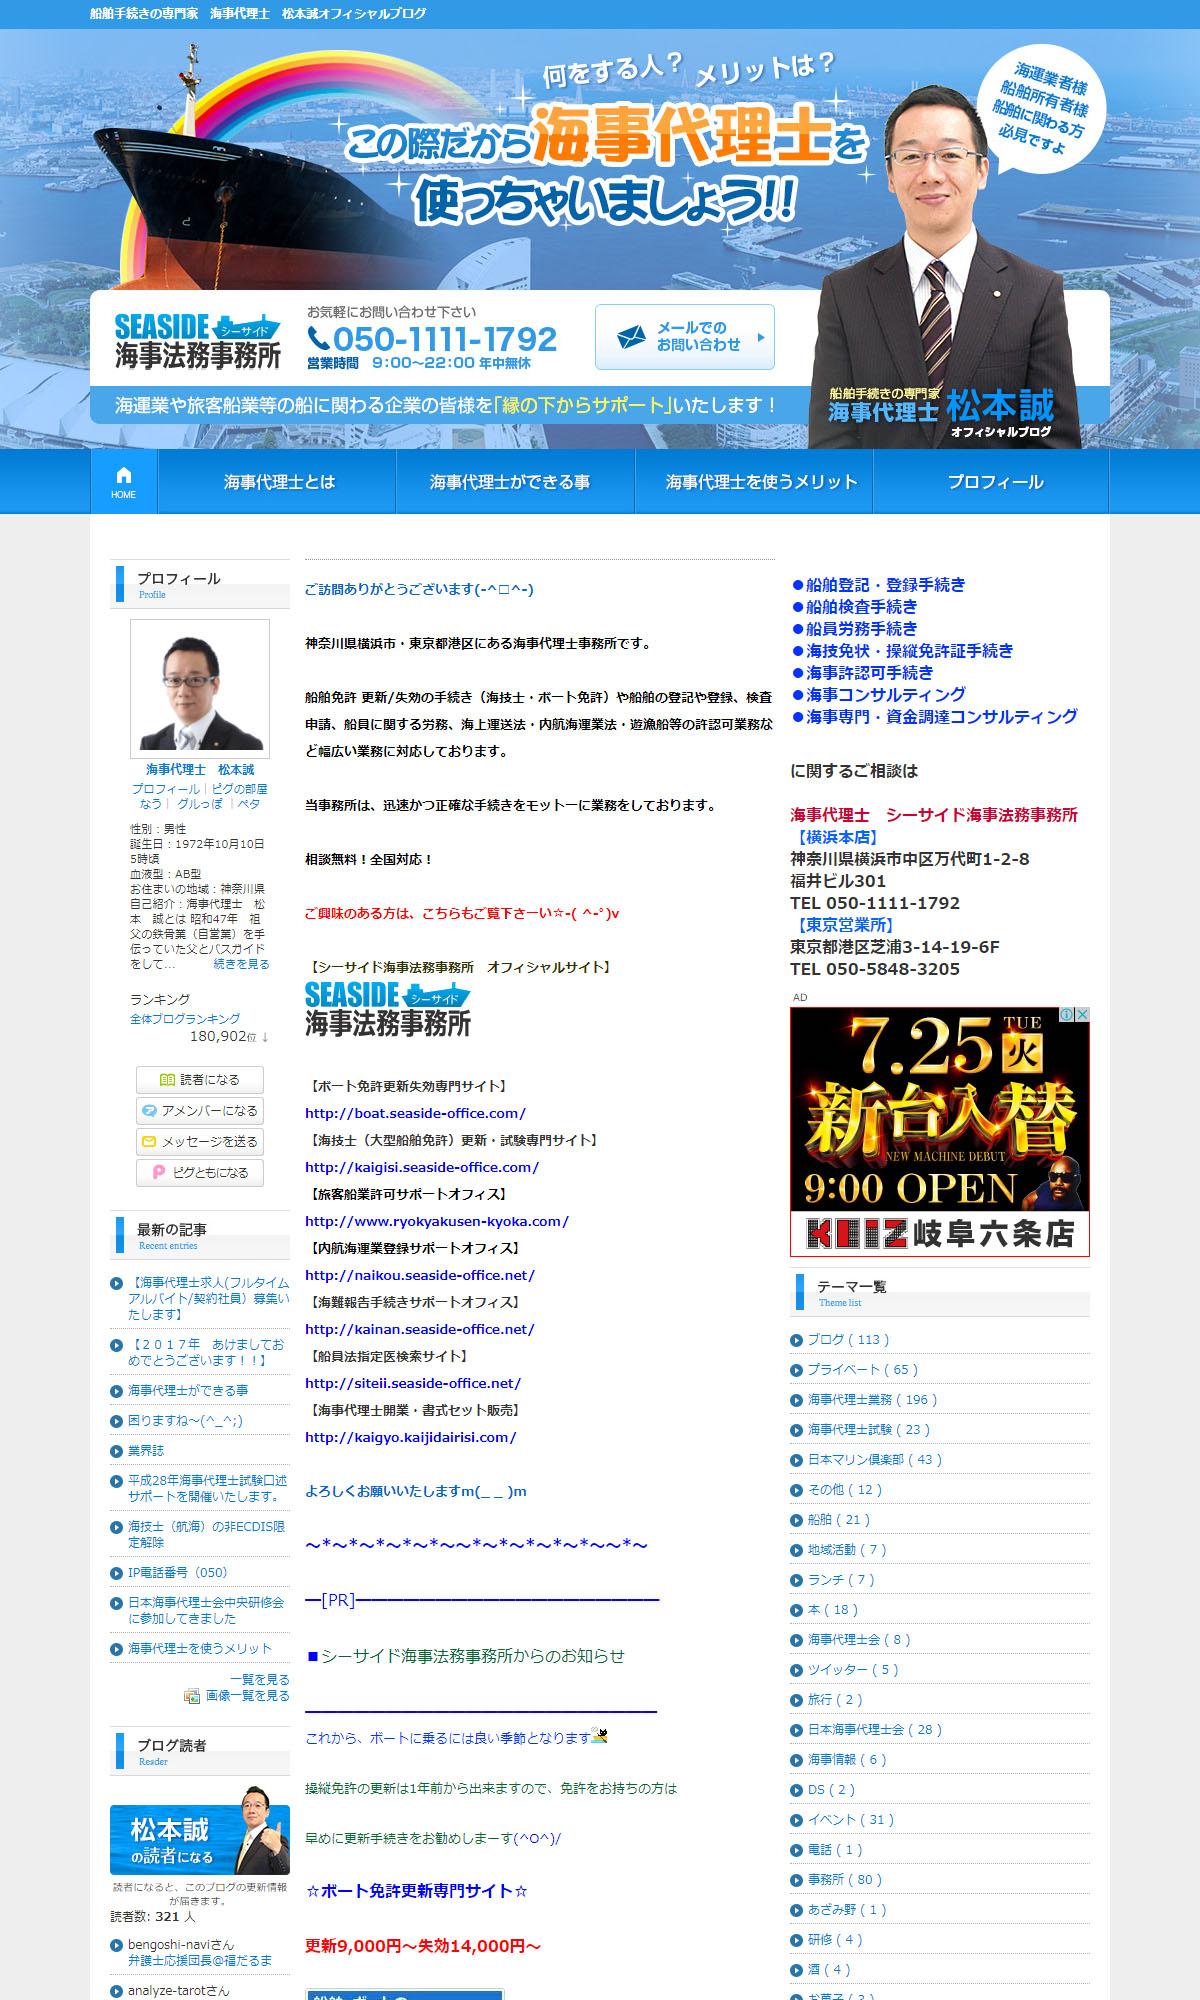 船舶手続きの専門家 海事代理士 松本誠オフィシャルブログ